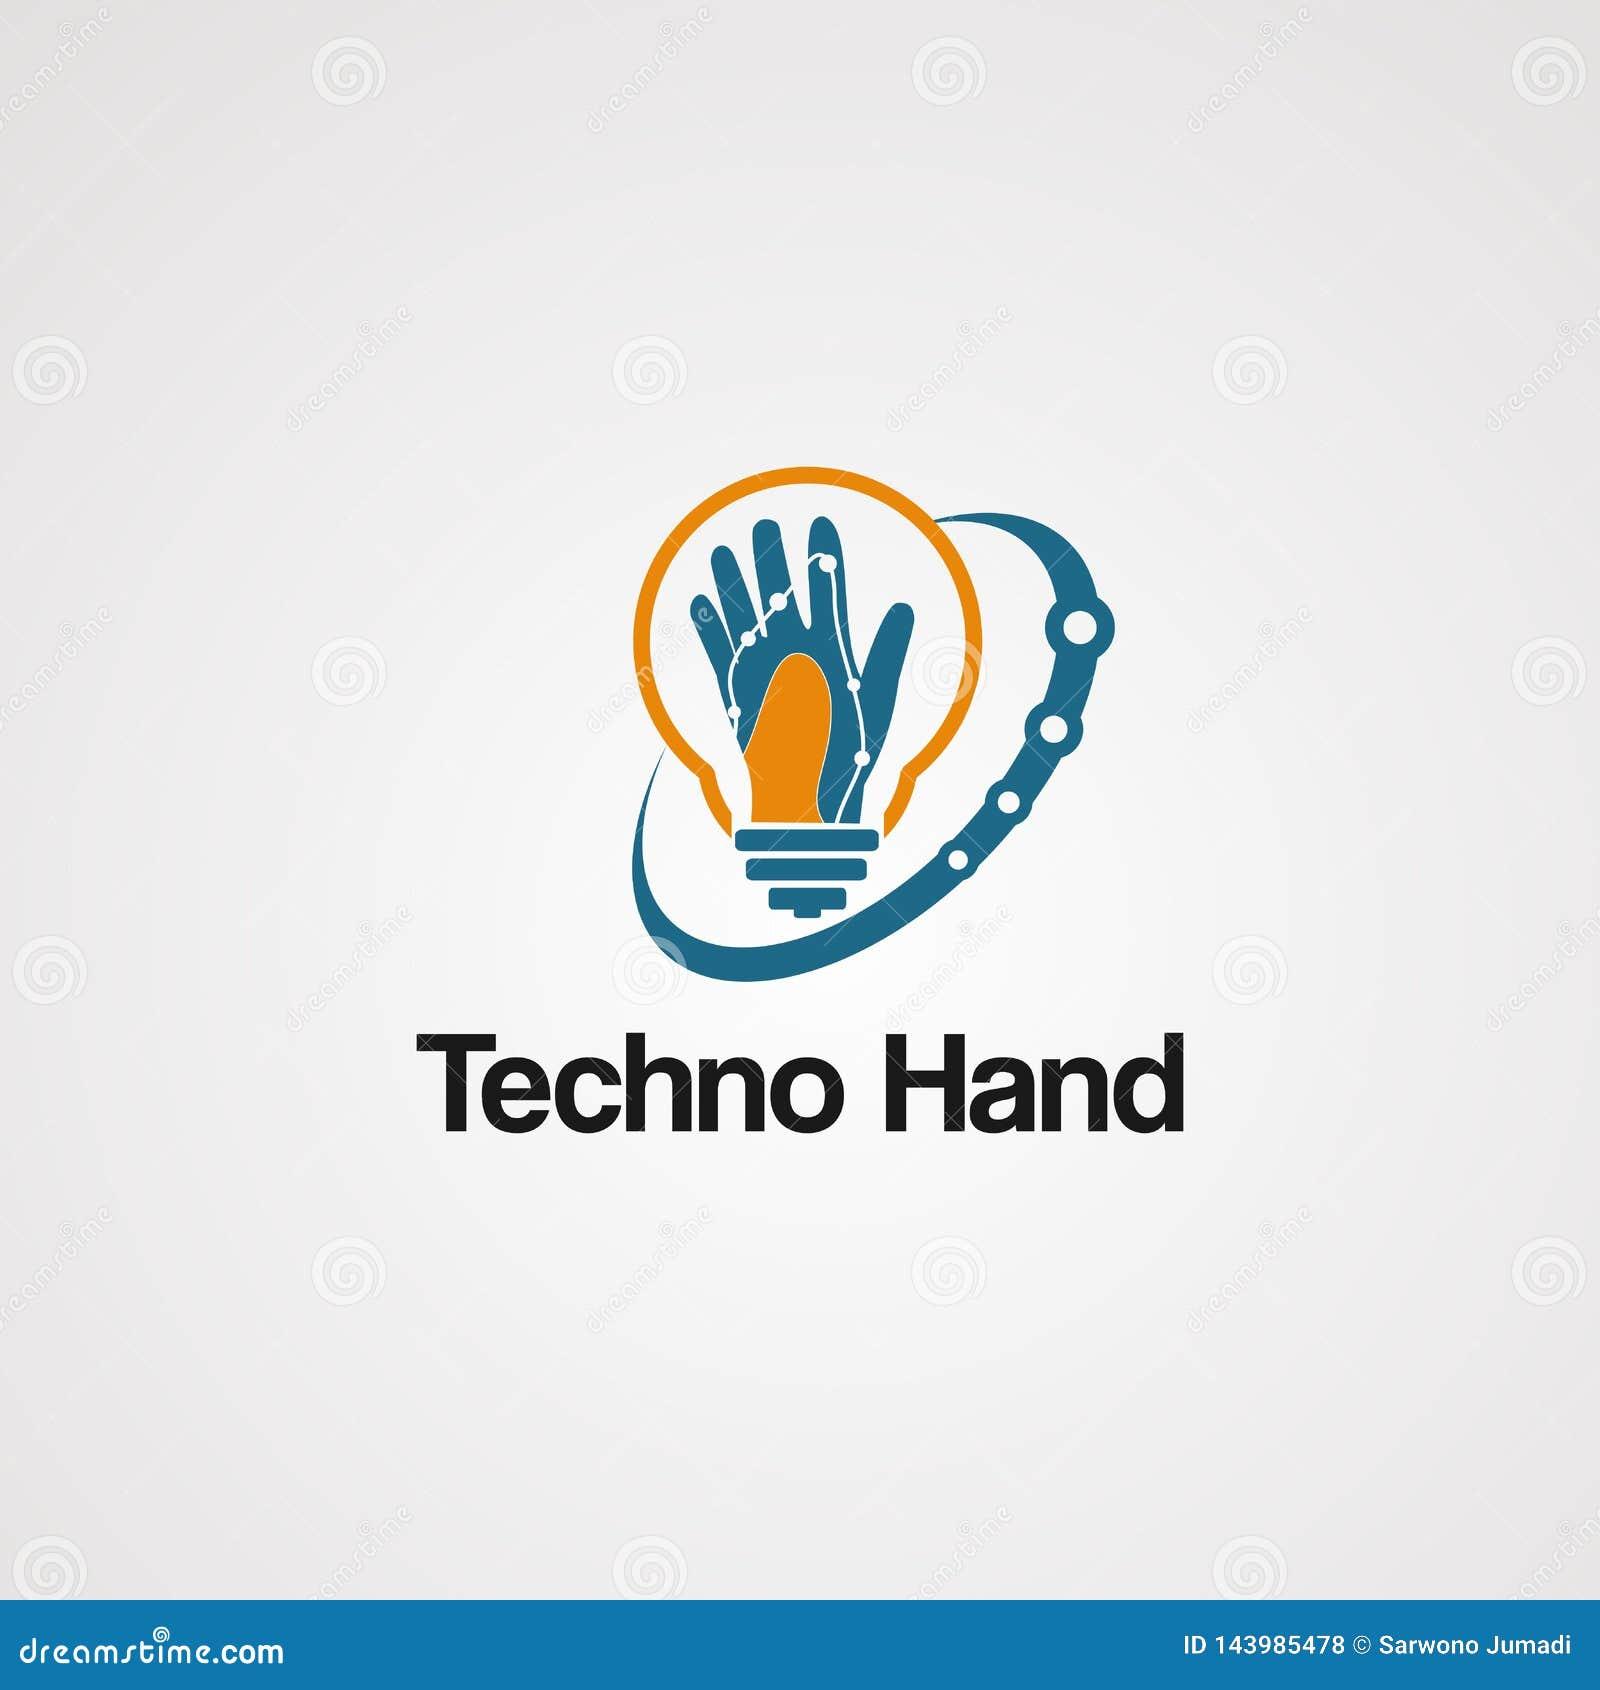 Vector del logotipo de la mano de Techno con Swoosh y concepto del bulbo, elemento, icono, y plantilla para la compañía